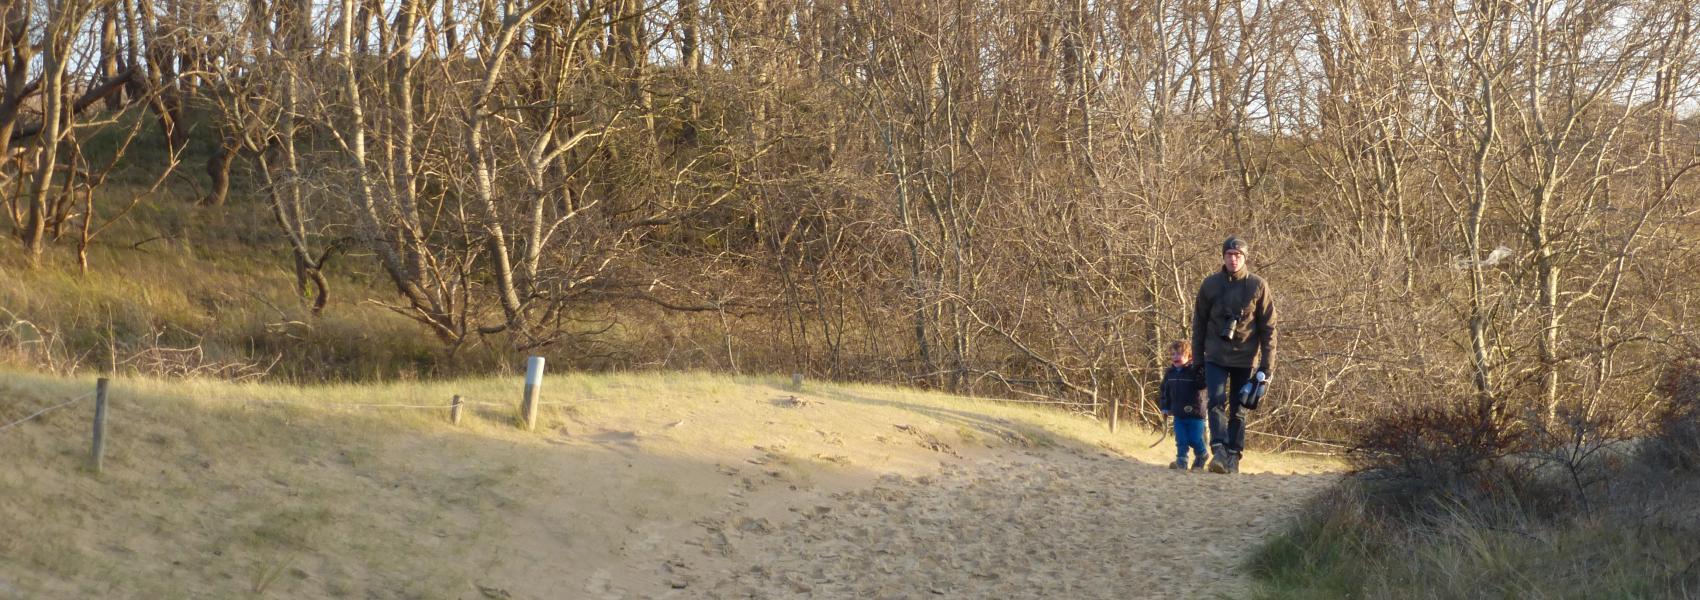 2 wandelaars in de duinen